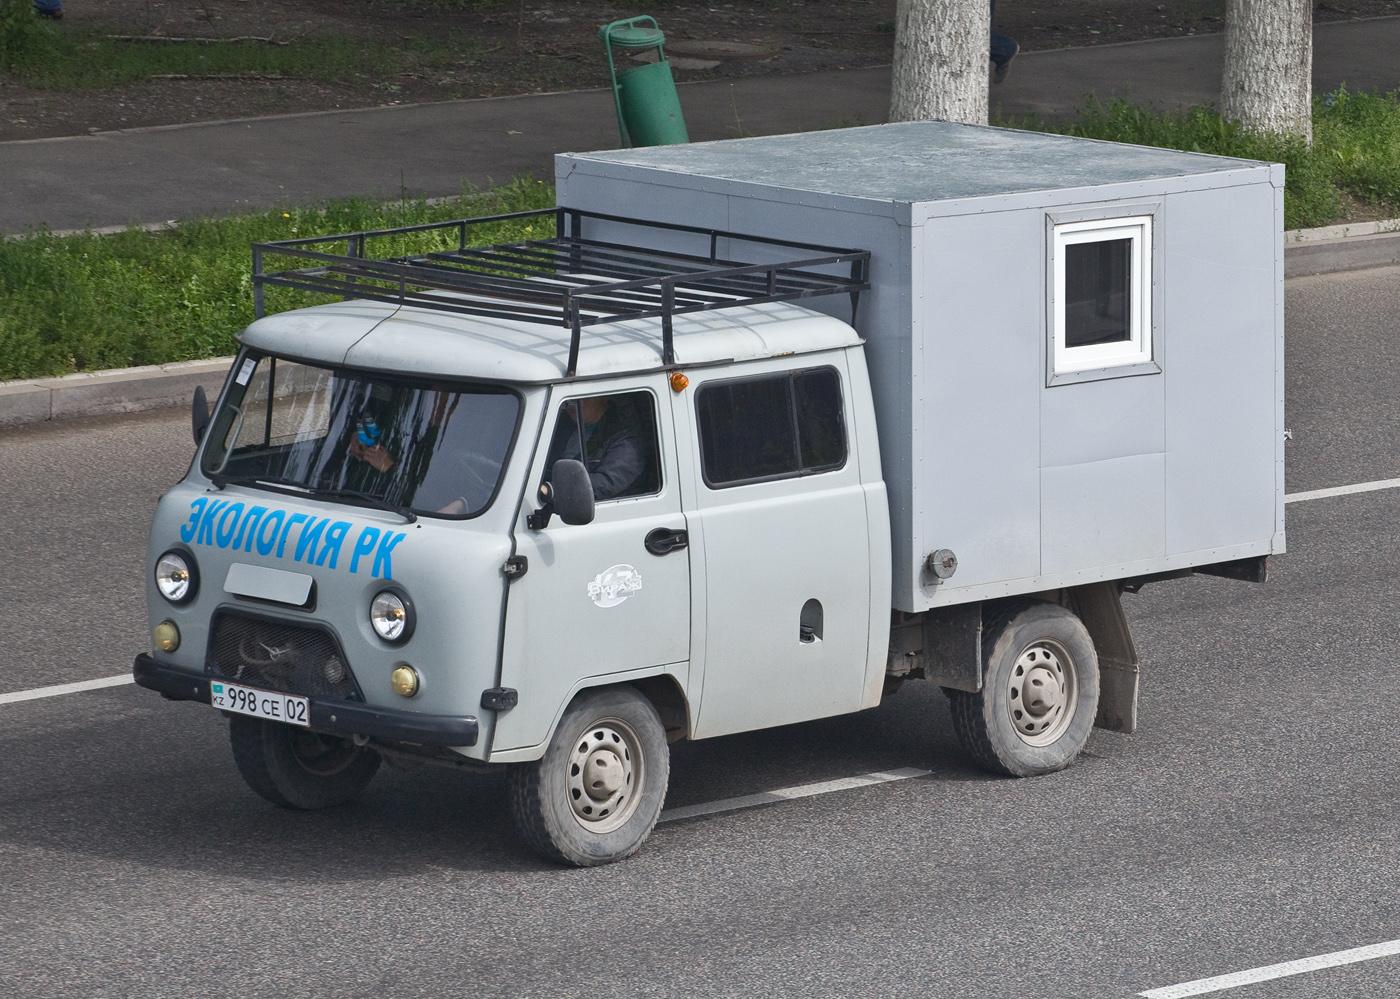 Автомобиль экологической службы на шасси  УАЗ-39094 #998 CE 02. Алматы, проспект Рыскулова